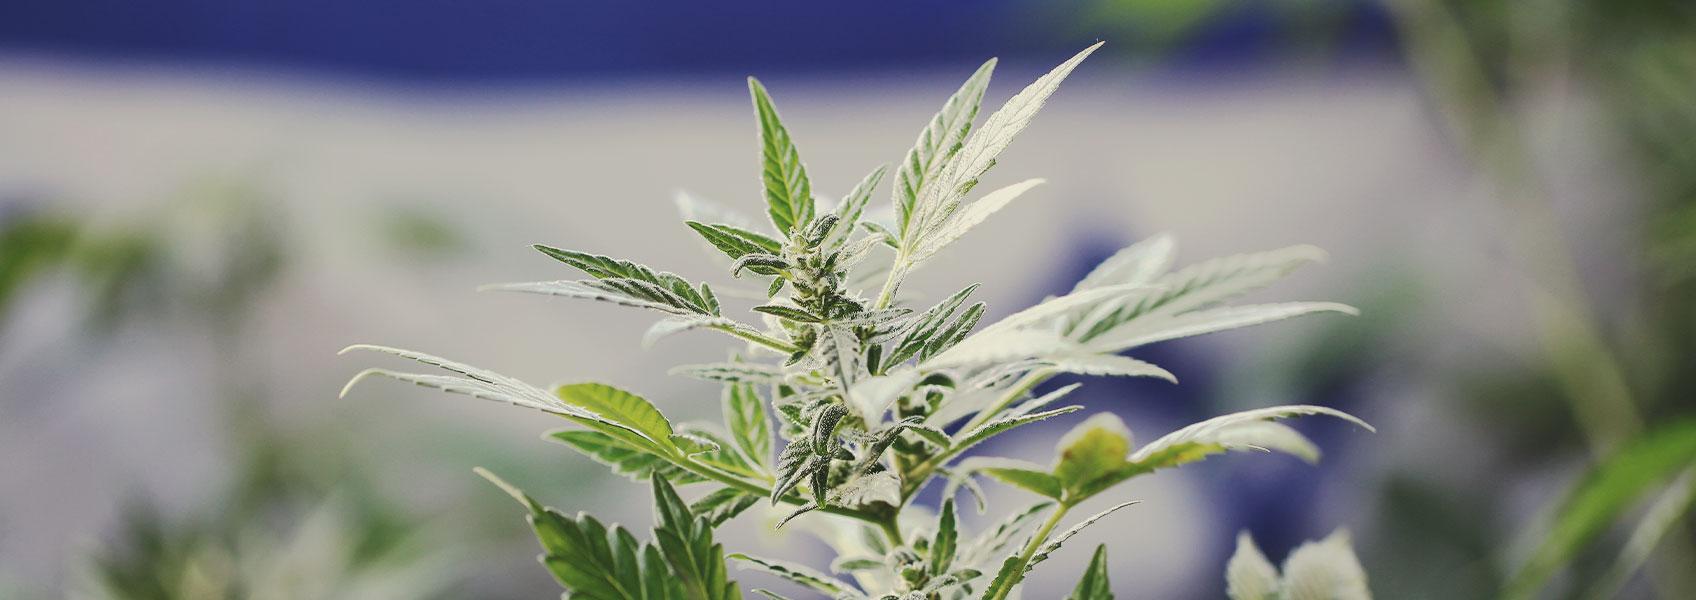 Investigación sobre la marihuana en Israel: Un modelo líder